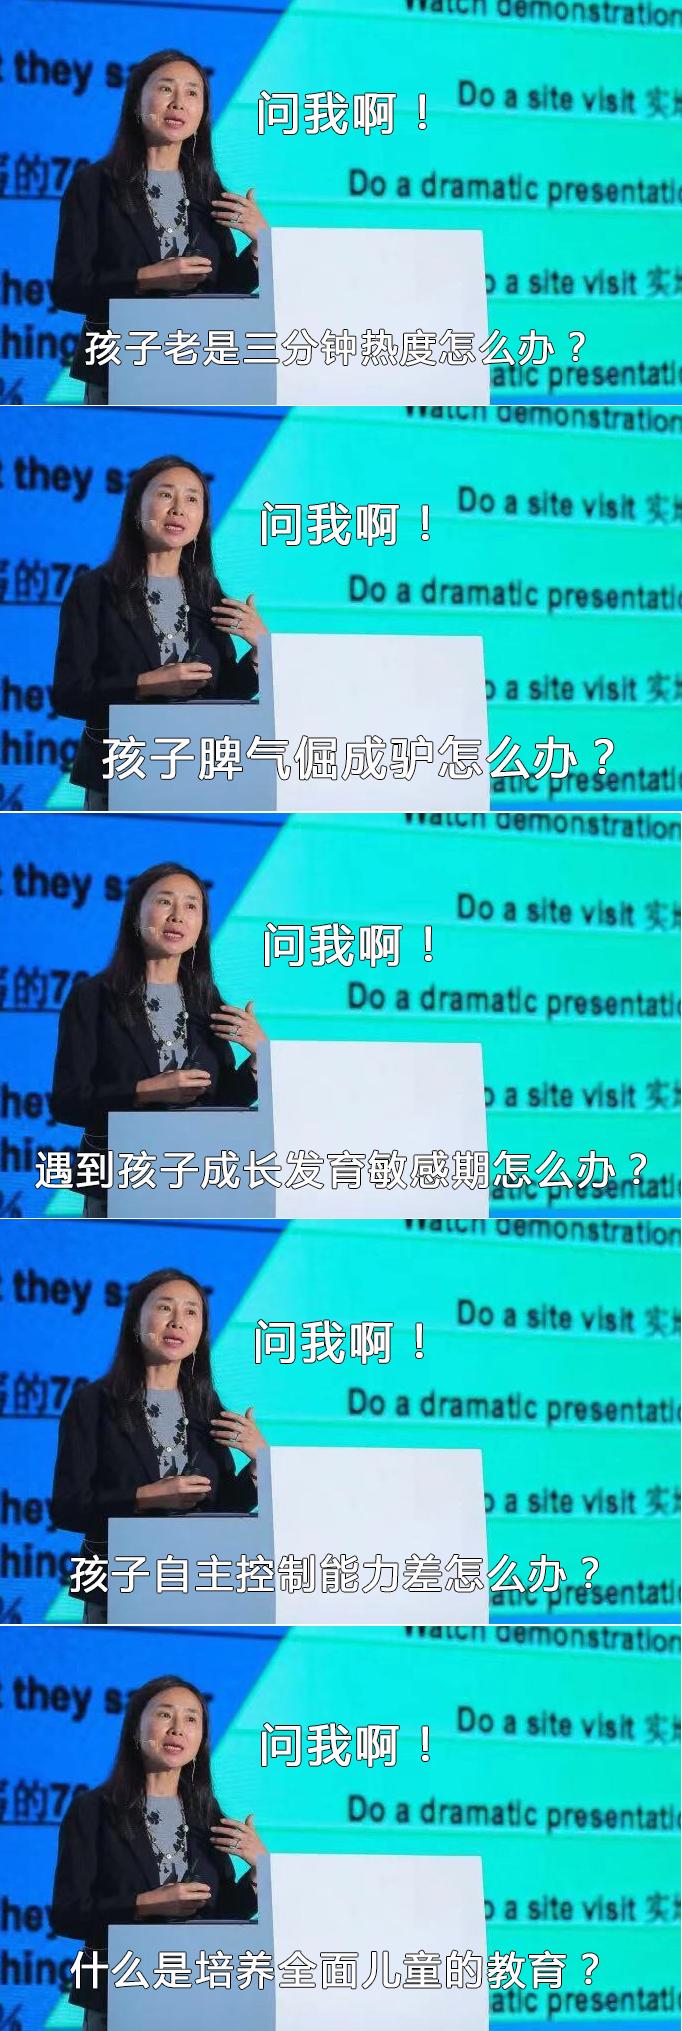 教育专家程贺南教授:关于育儿成长疑问,你提问题,我来解答!